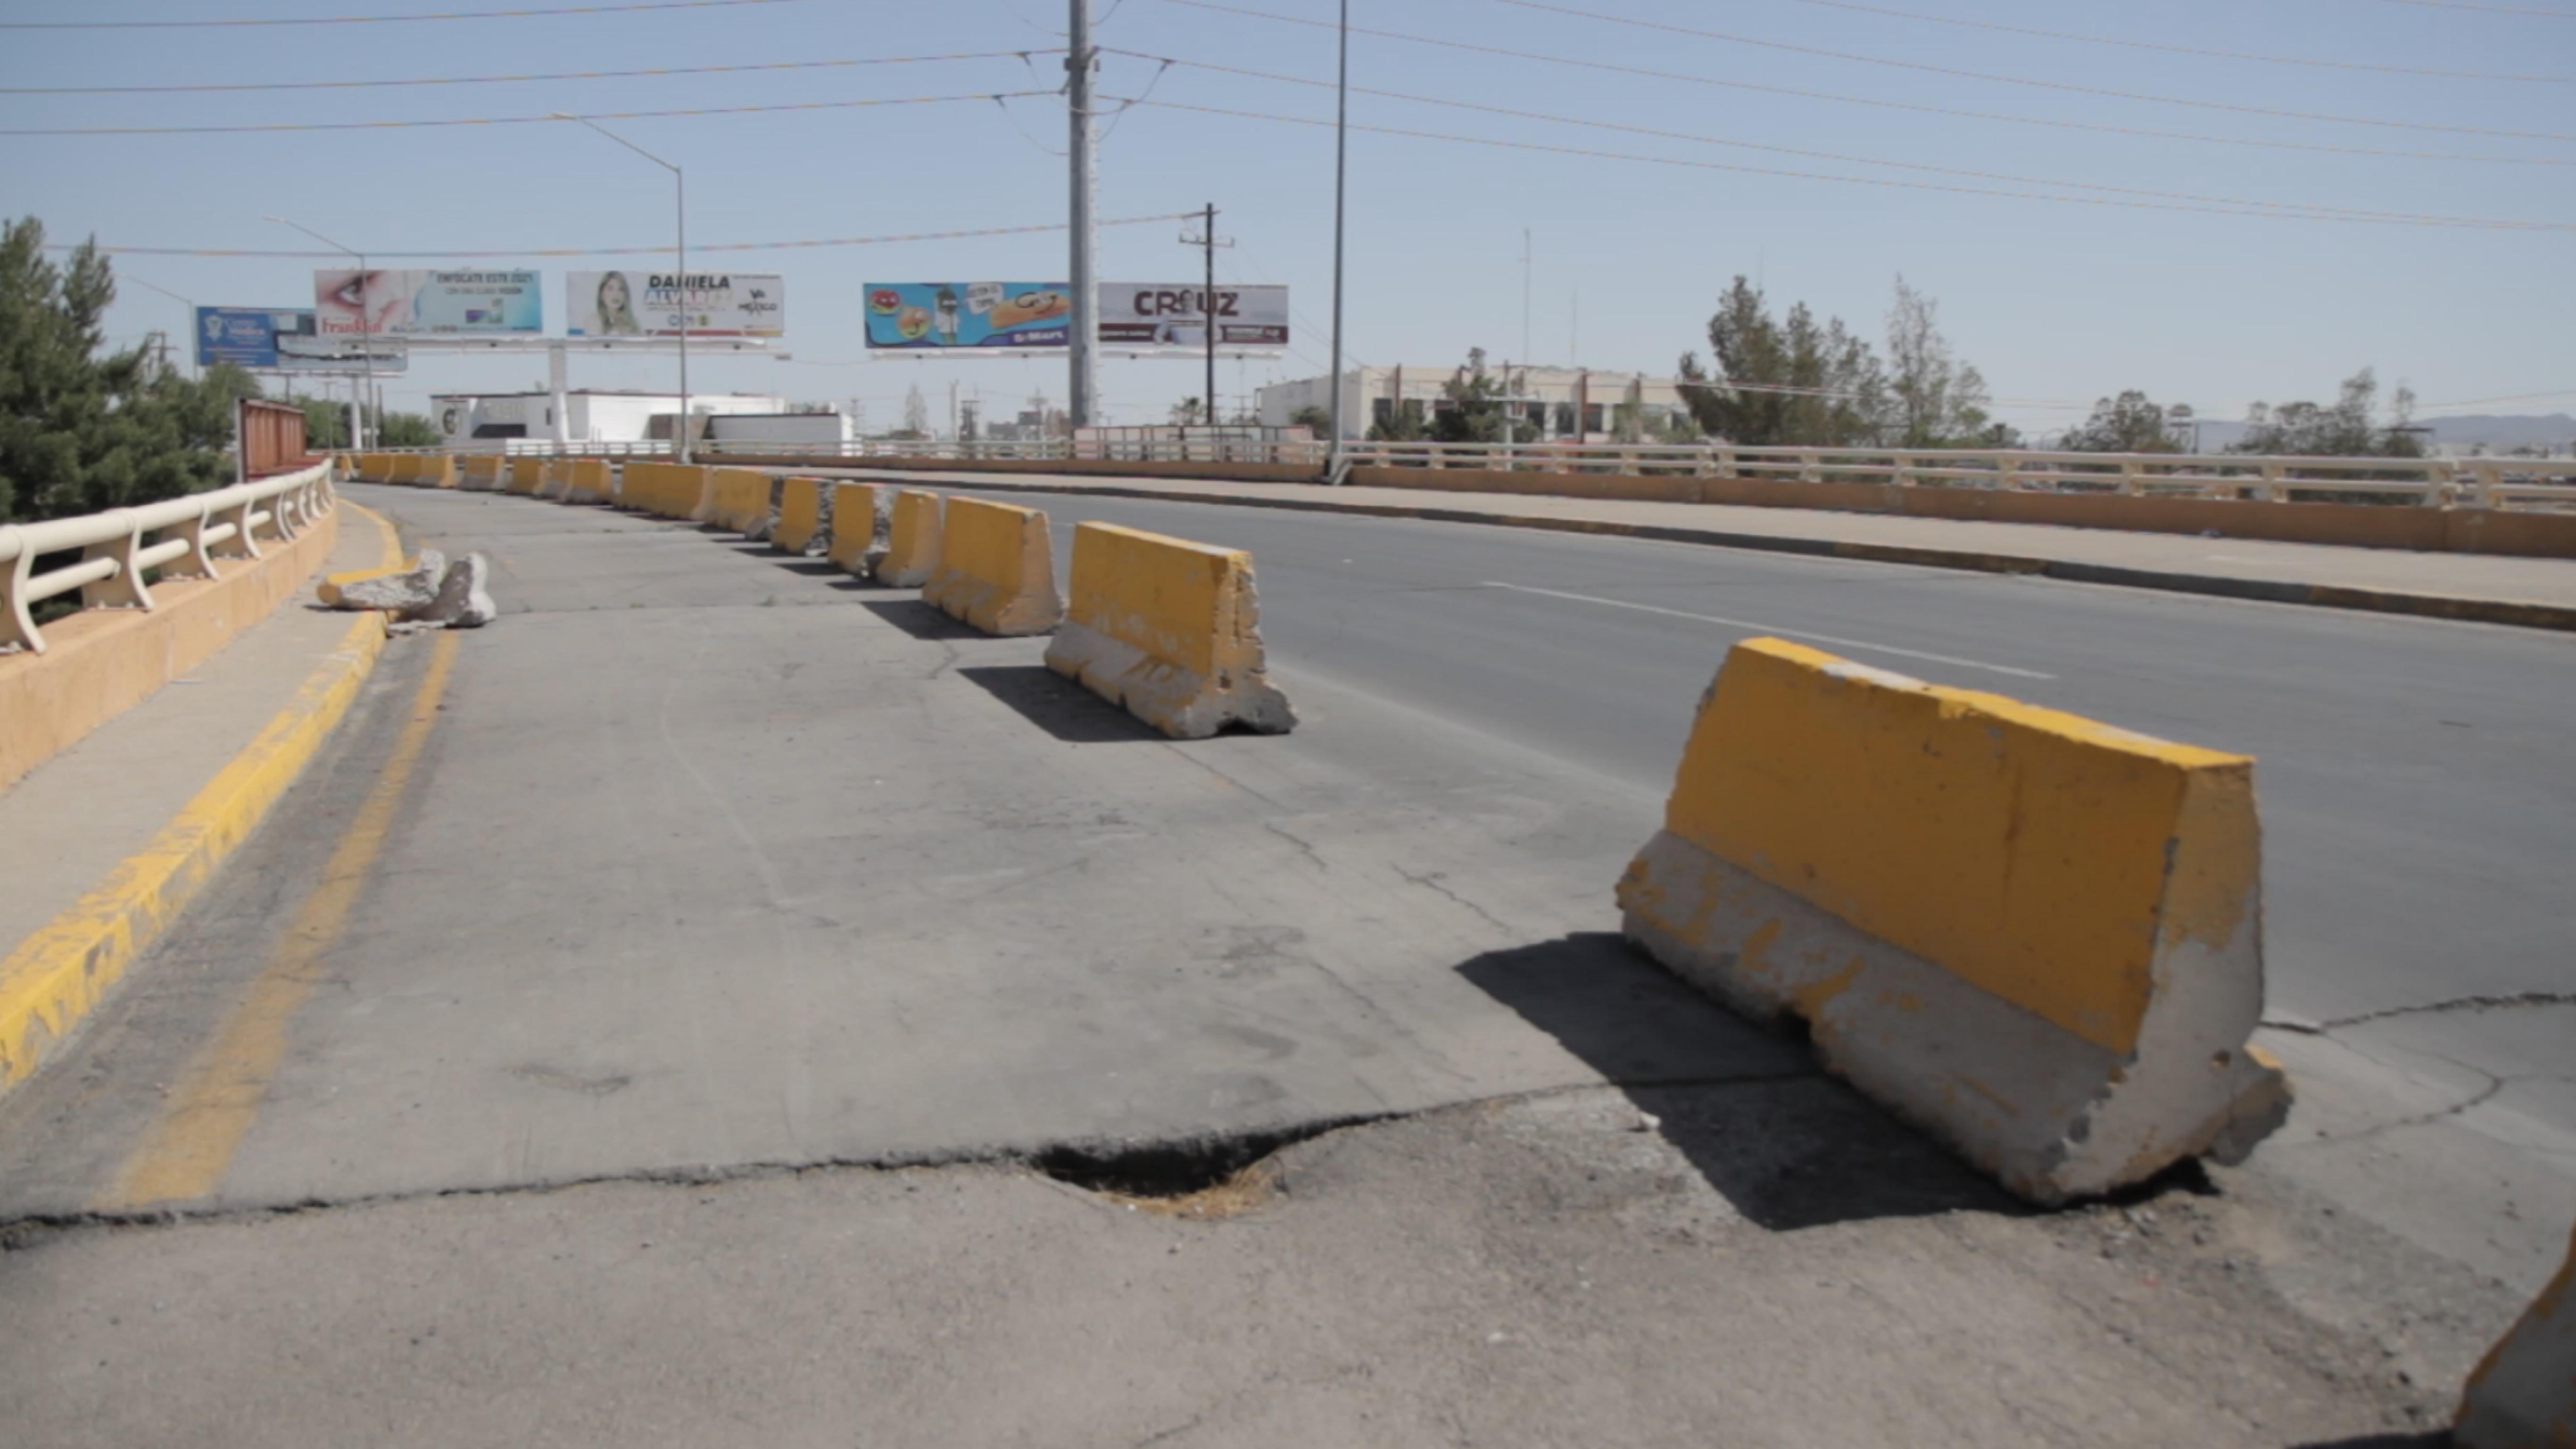 Muros-de-contencion-en-puente-Carlos-Villarreal-en-Juarez